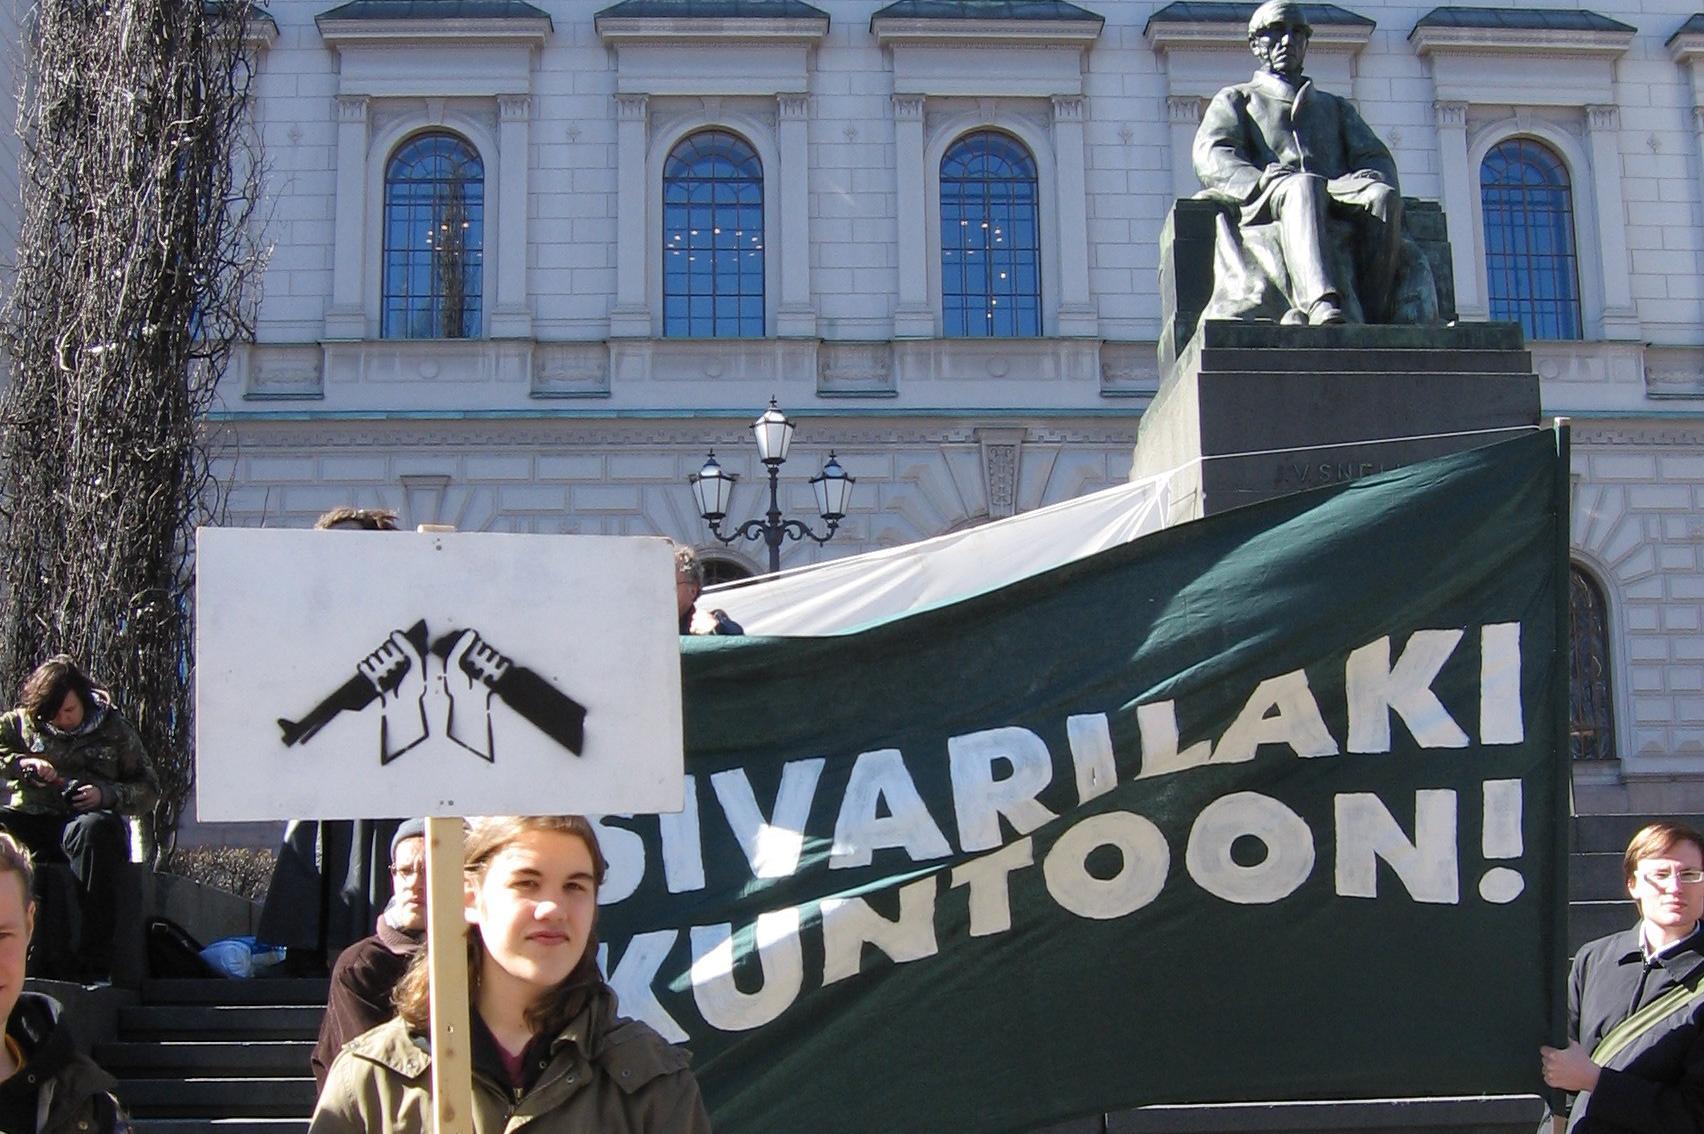 Mielenosoitus paremman sivarilain puolesta Säätytalolla